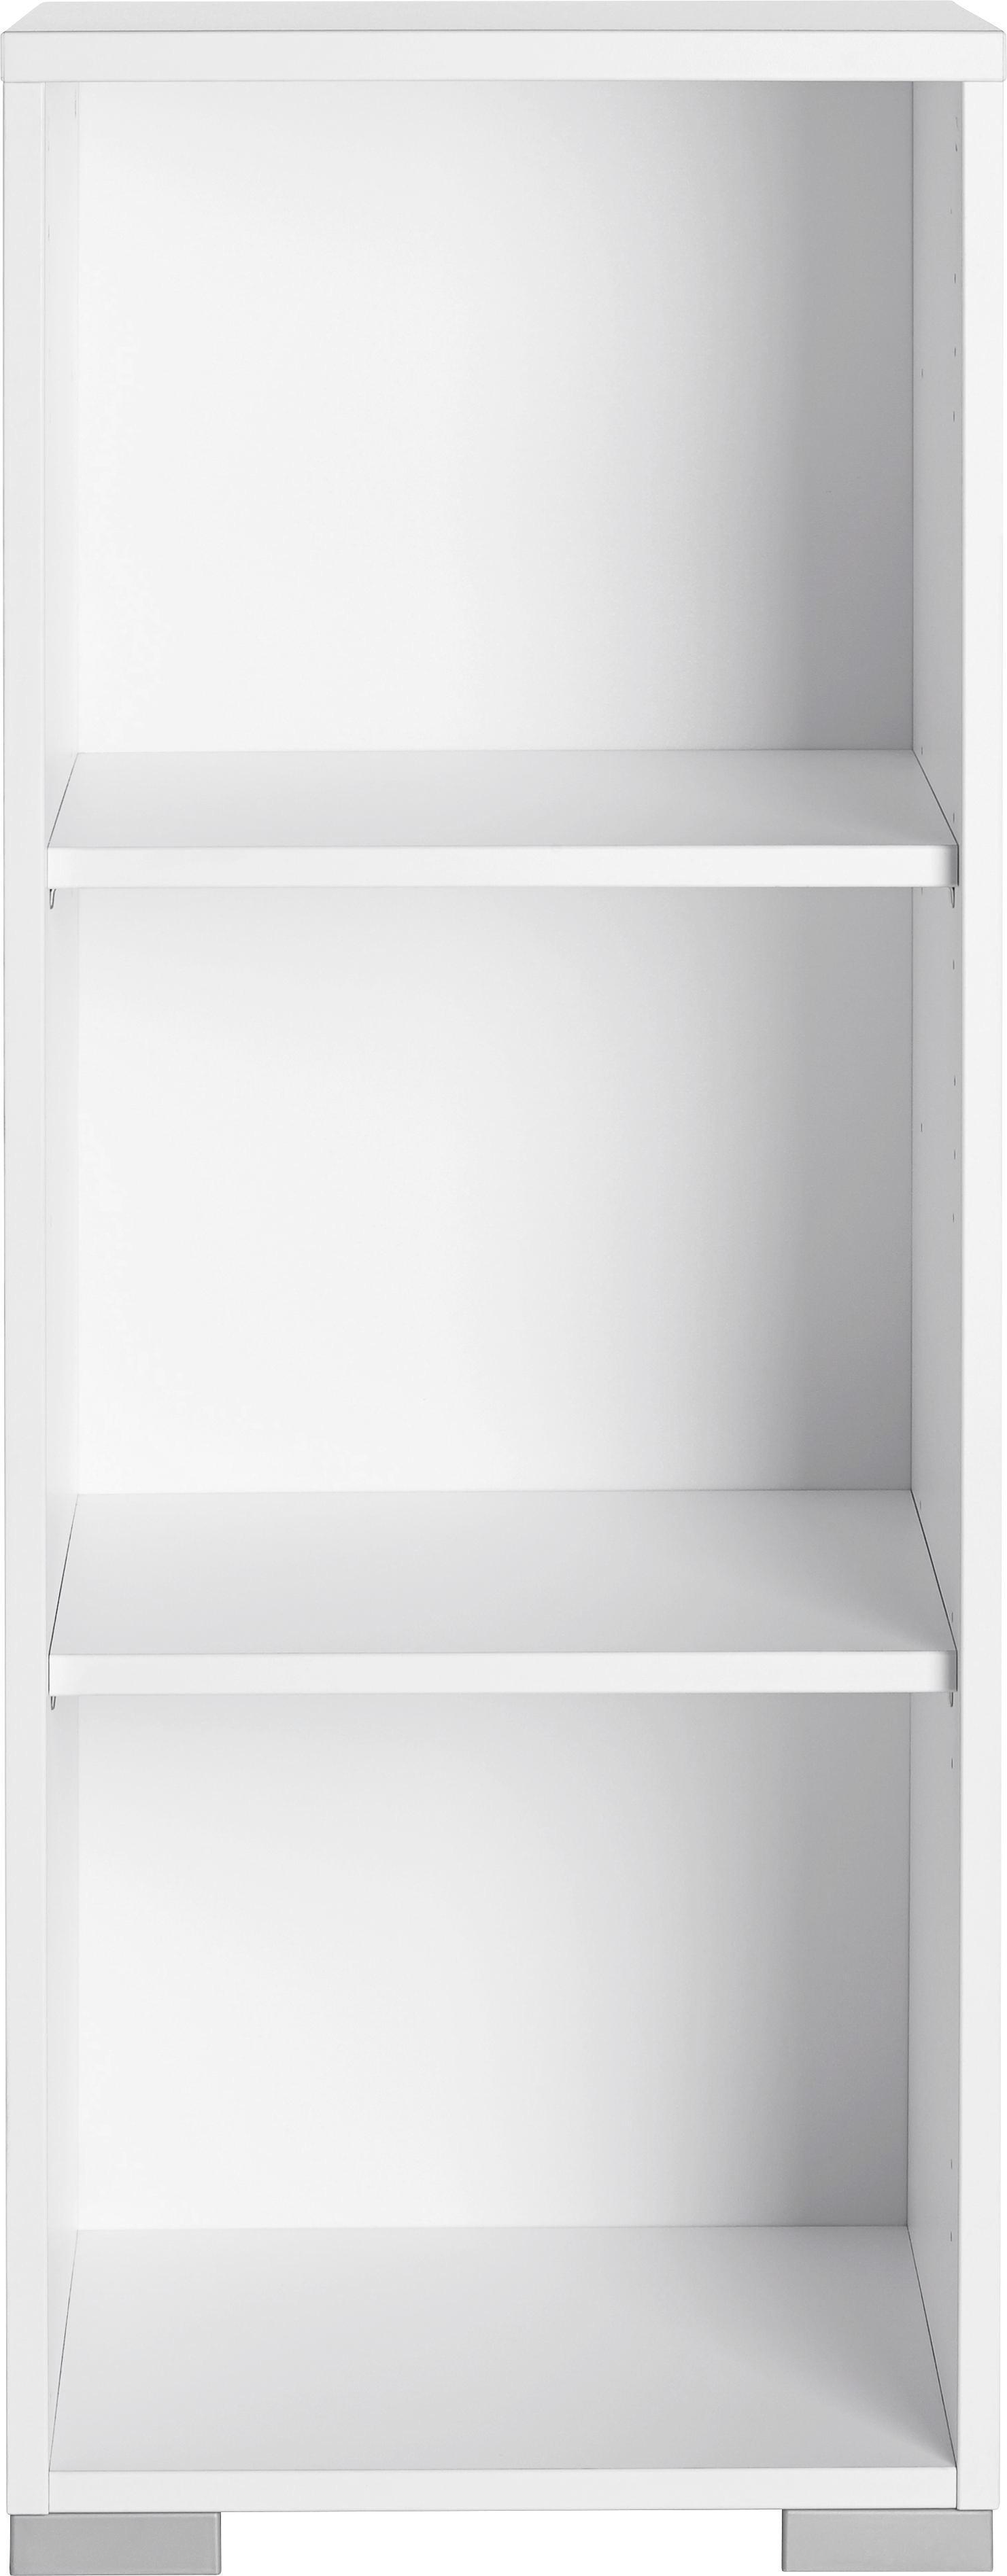 Aktenregal in Weiß - Silberfarben/Weiß, MODERN, Holzwerkstoff/Kunststoff (42,1/109,7/40cm) - MÖMAX modern living